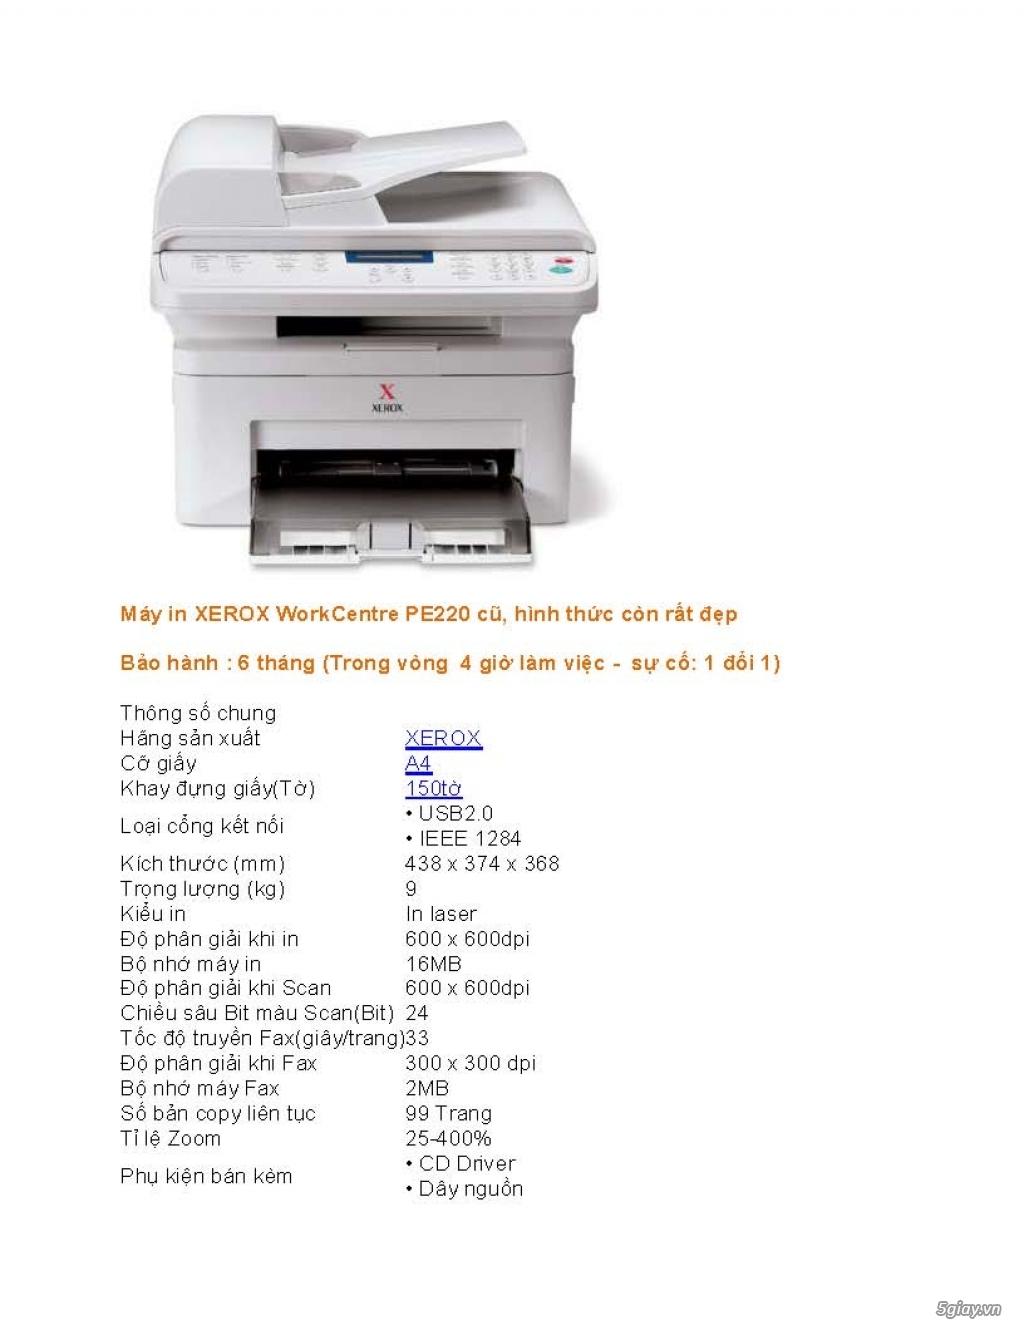 Sửa chữa Bộ Đàm,Máy Fax,Tổng Đài - 4